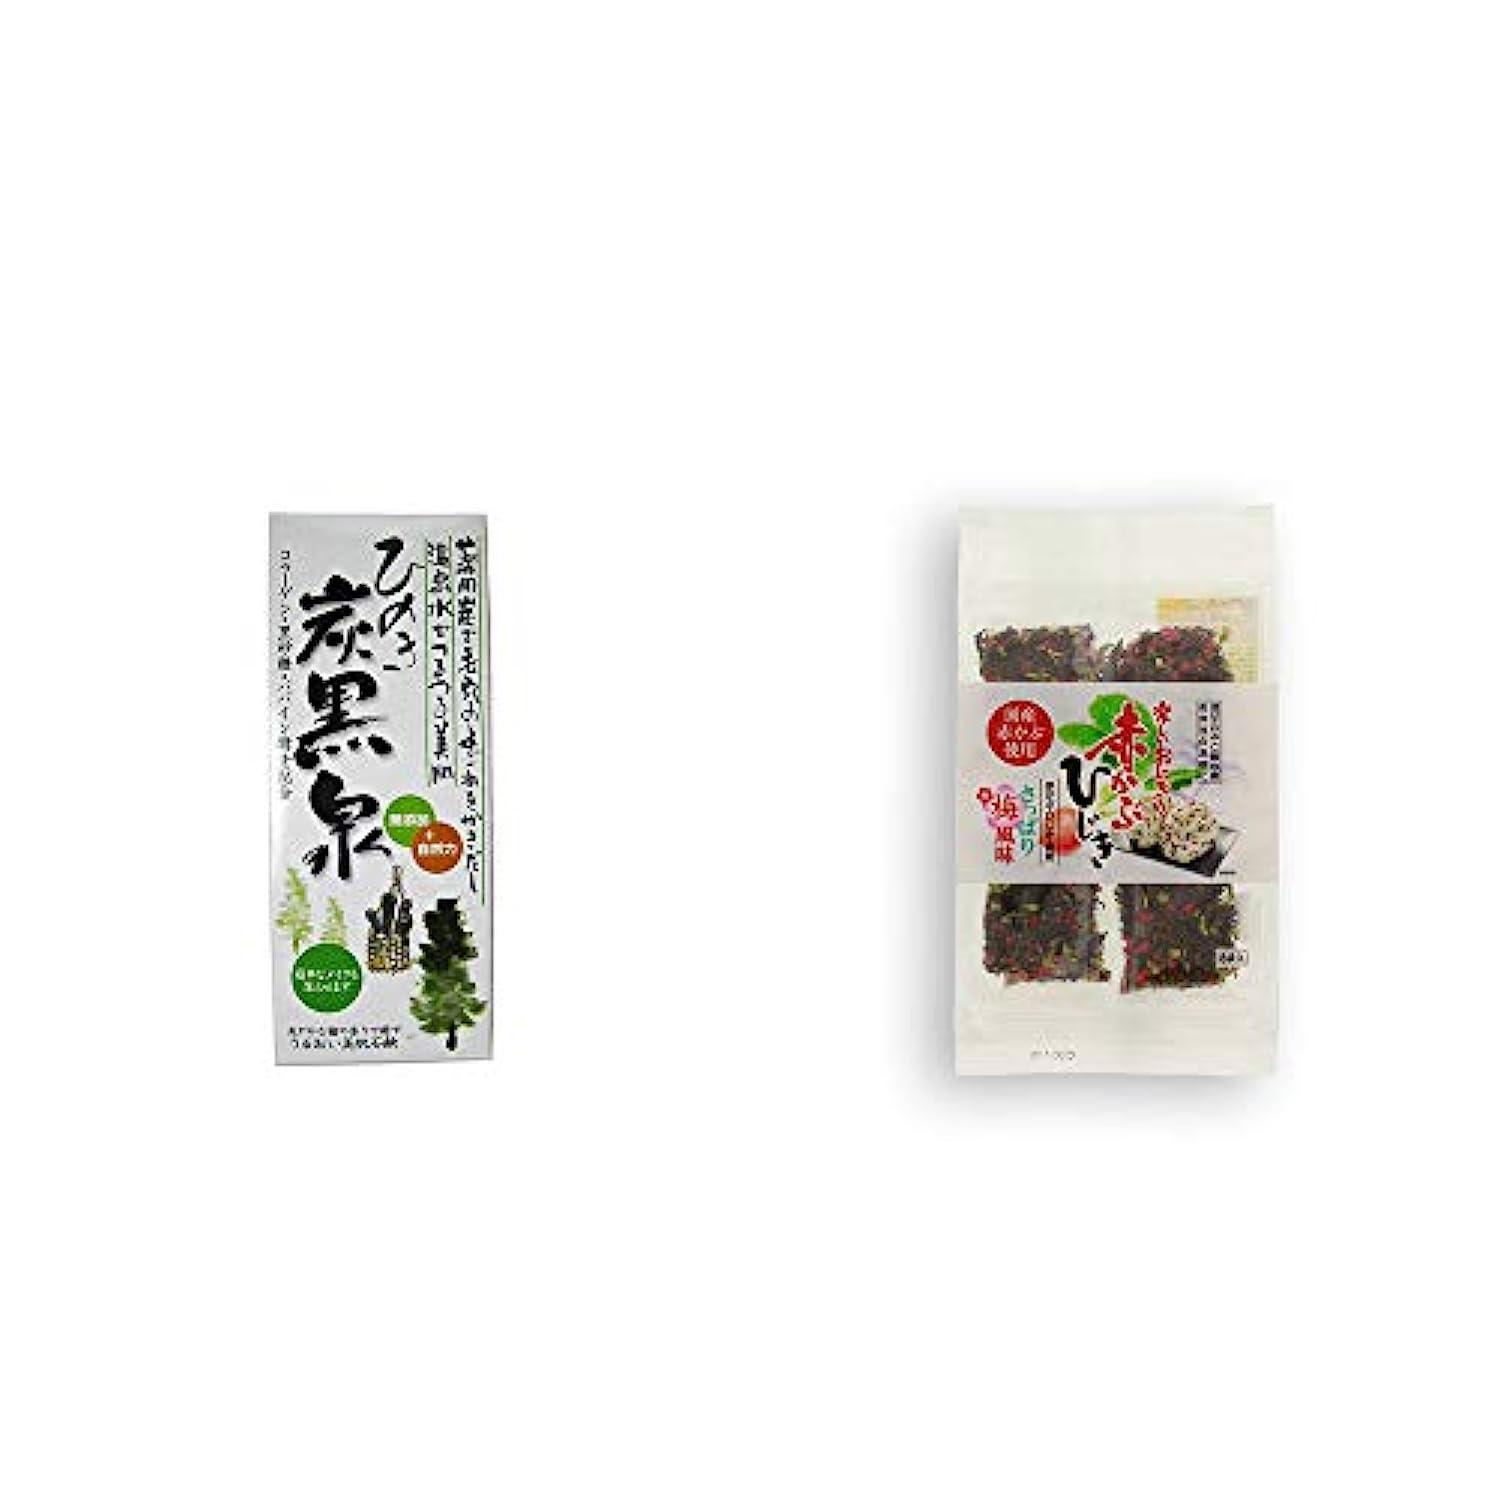 うれしい性的エンティティ[2点セット] ひのき炭黒泉 箱入り(75g×3)?楽しいおにぎり 赤かぶひじき(8g×8袋)